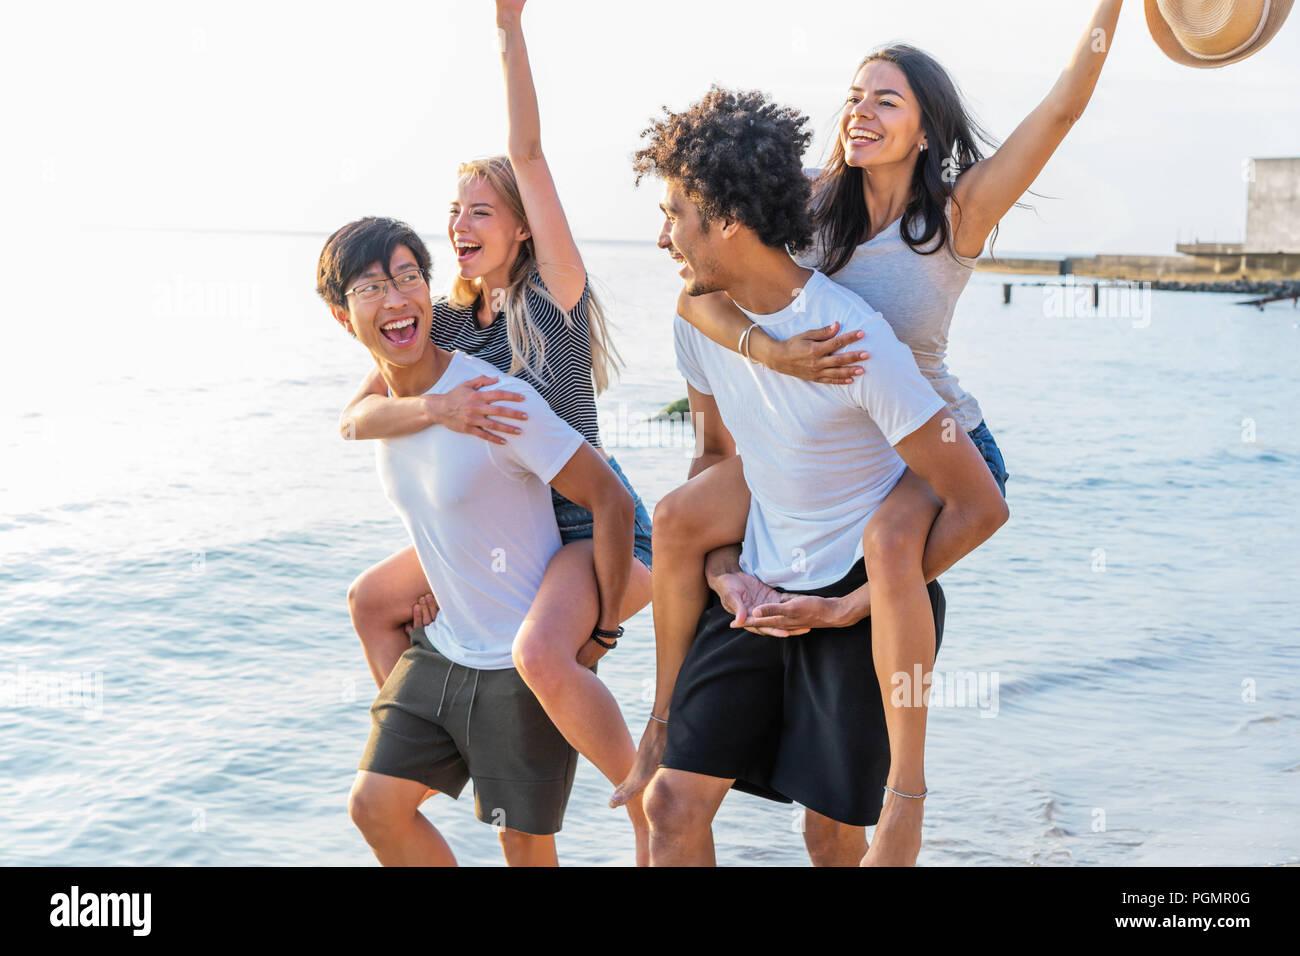 Grupo de amigos caminando por la playa, con los hombres que piggyback ride para novias. Feliz jóvenes amigos disfrutando de un día en la playa Imagen De Stock